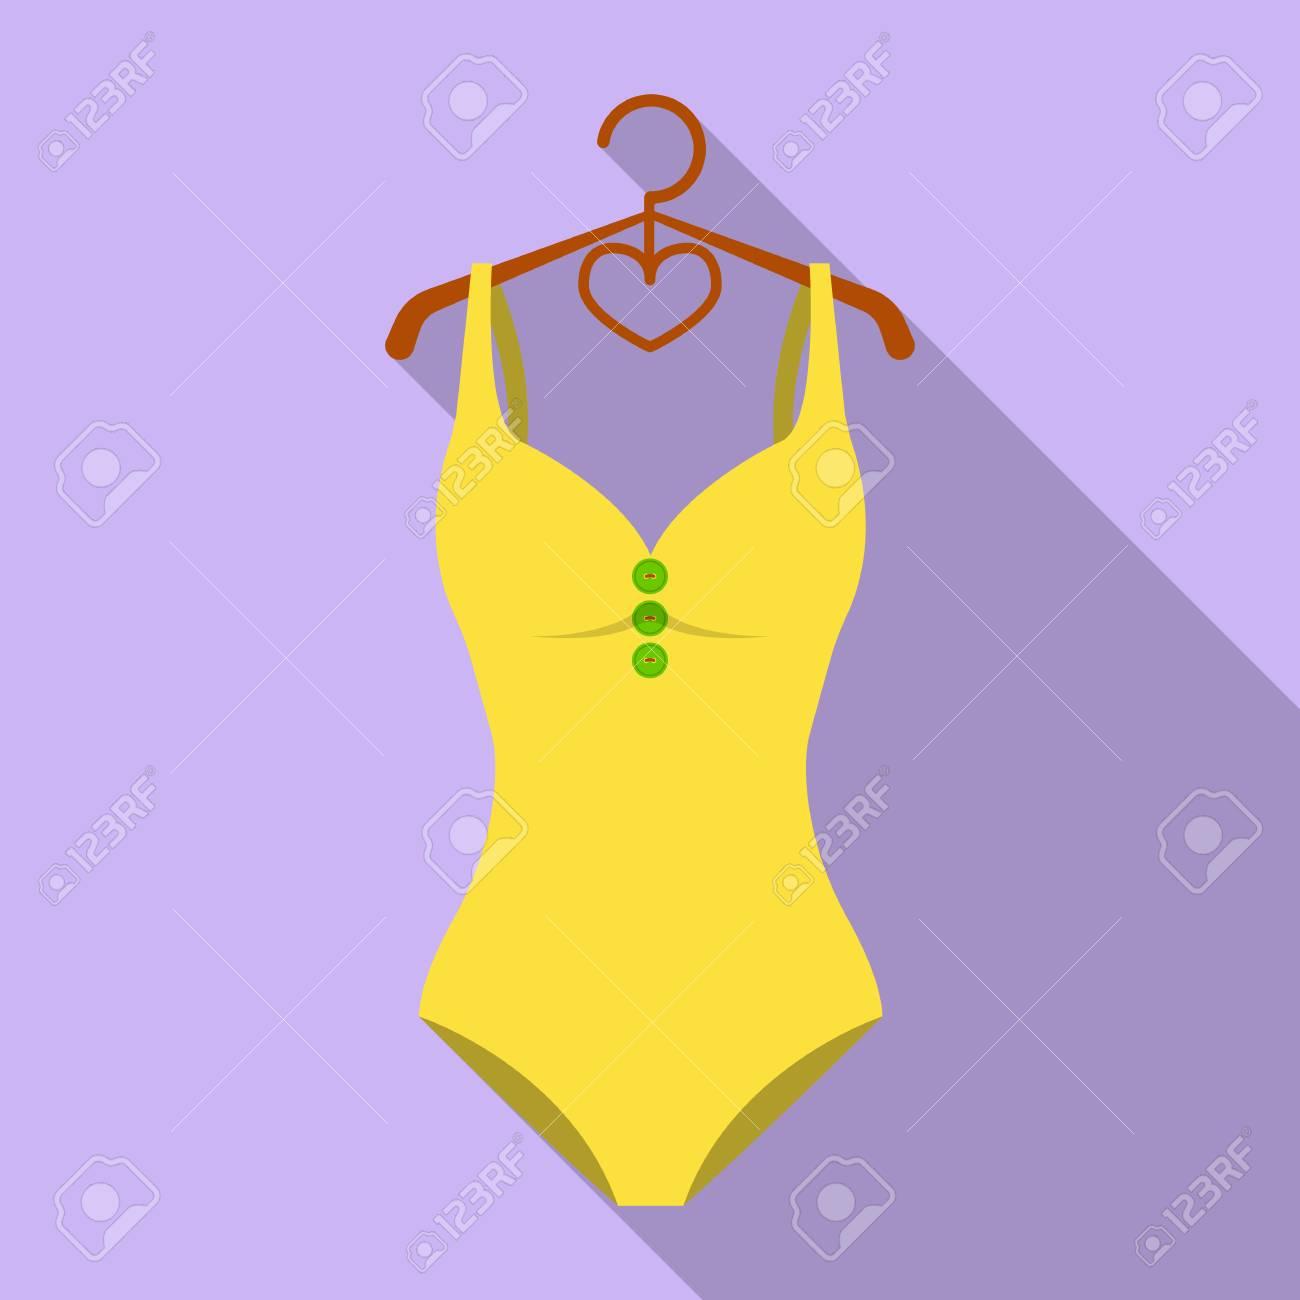 d9b65910e Bañador amarillo monótono para niñas. Ropa de baño en la piscina. Swimcuits  solo icono